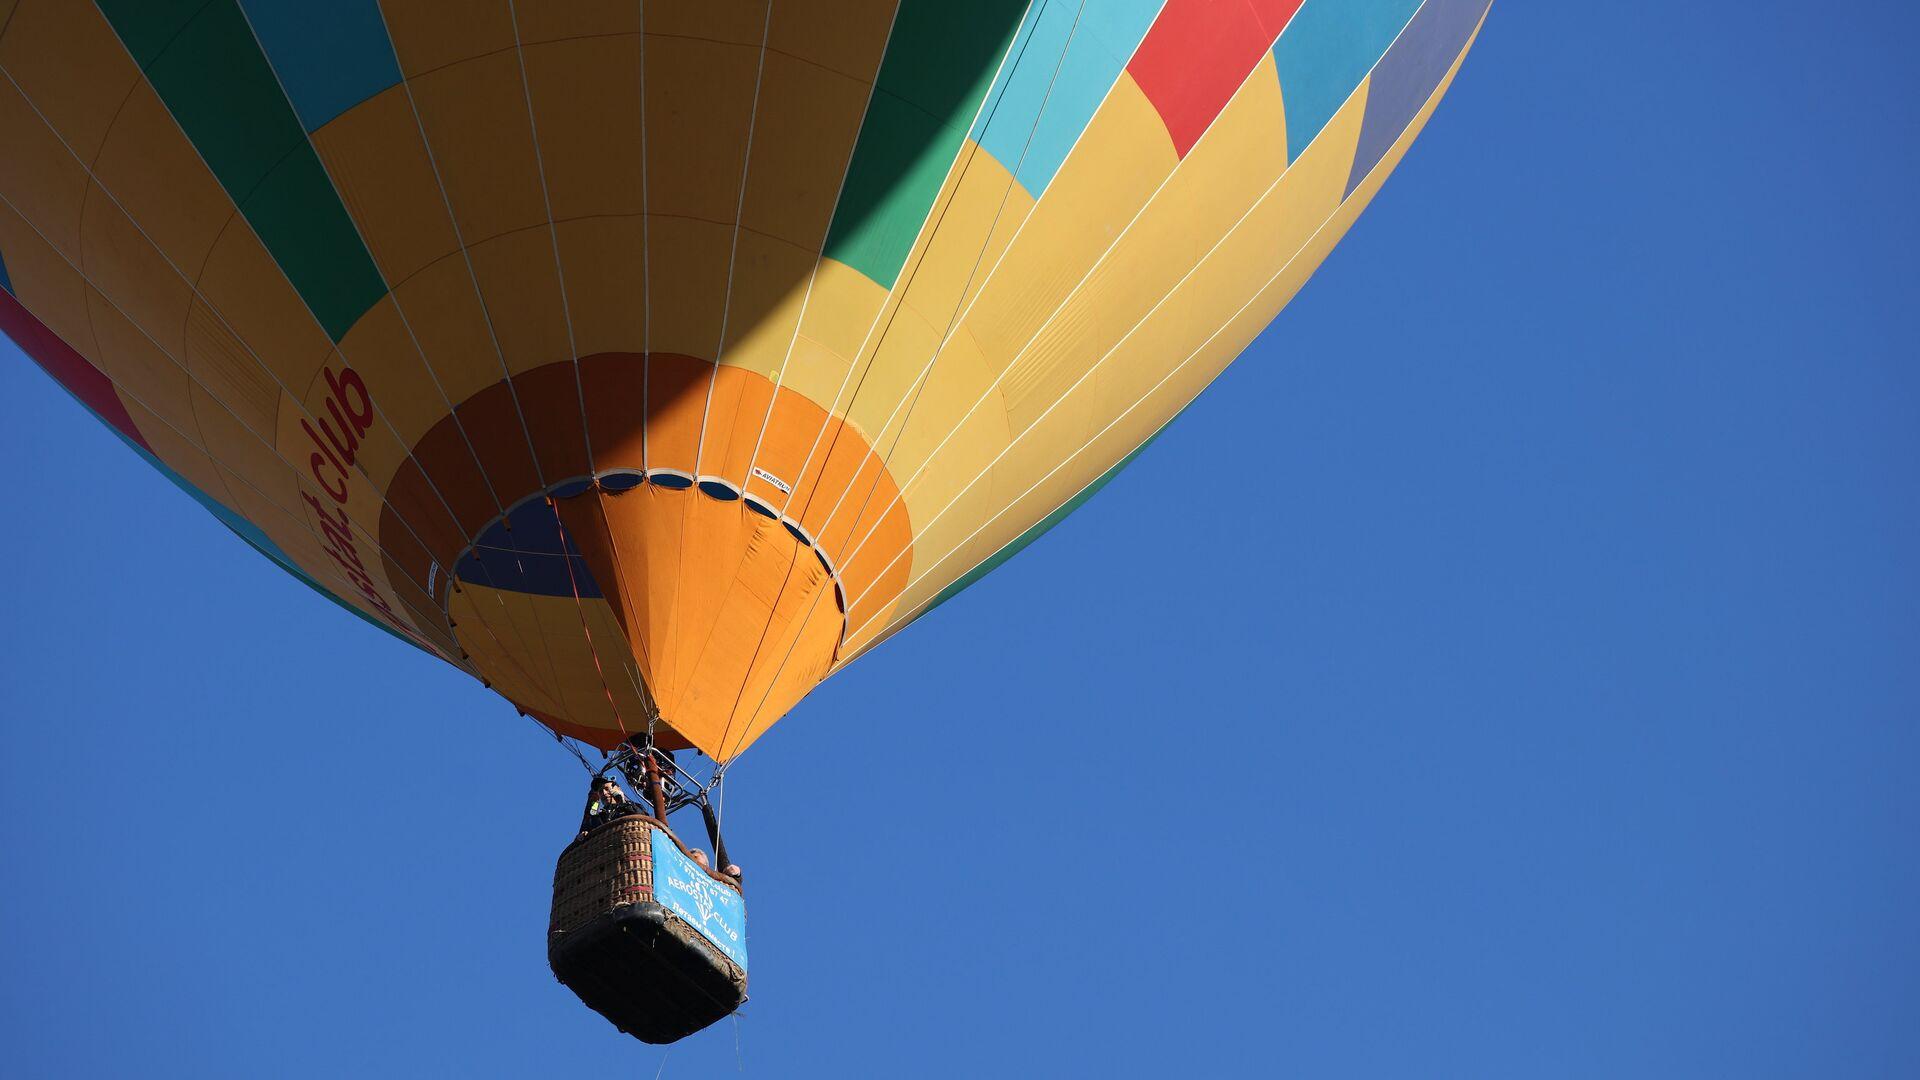 Воздушный шар на фестивале воздухоплавания Абинская Ривьера в Абинском районе Краснодарского края - РИА Новости, 1920, 24.05.2021